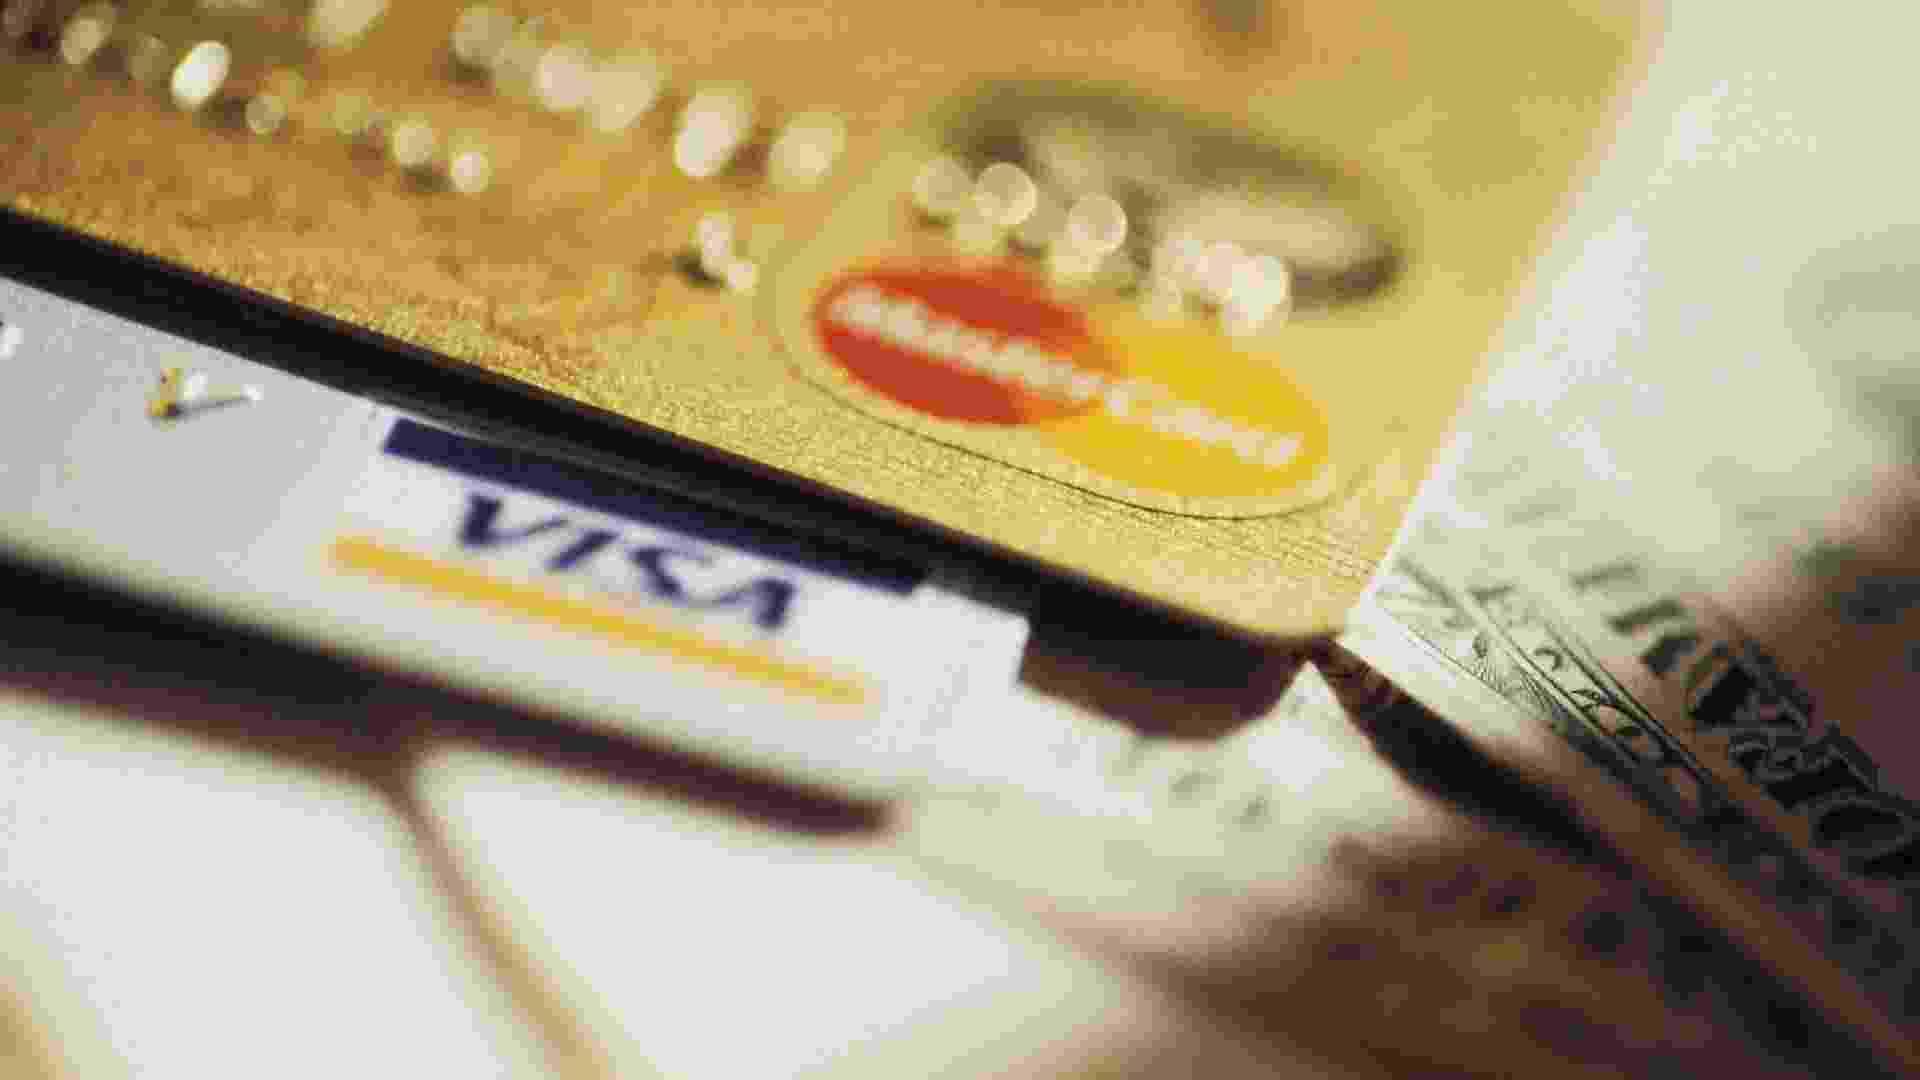 Excel: saiba quanto adicionar ao valor à vista para não ter prejuízo em vendas no cartão  - Think Stock